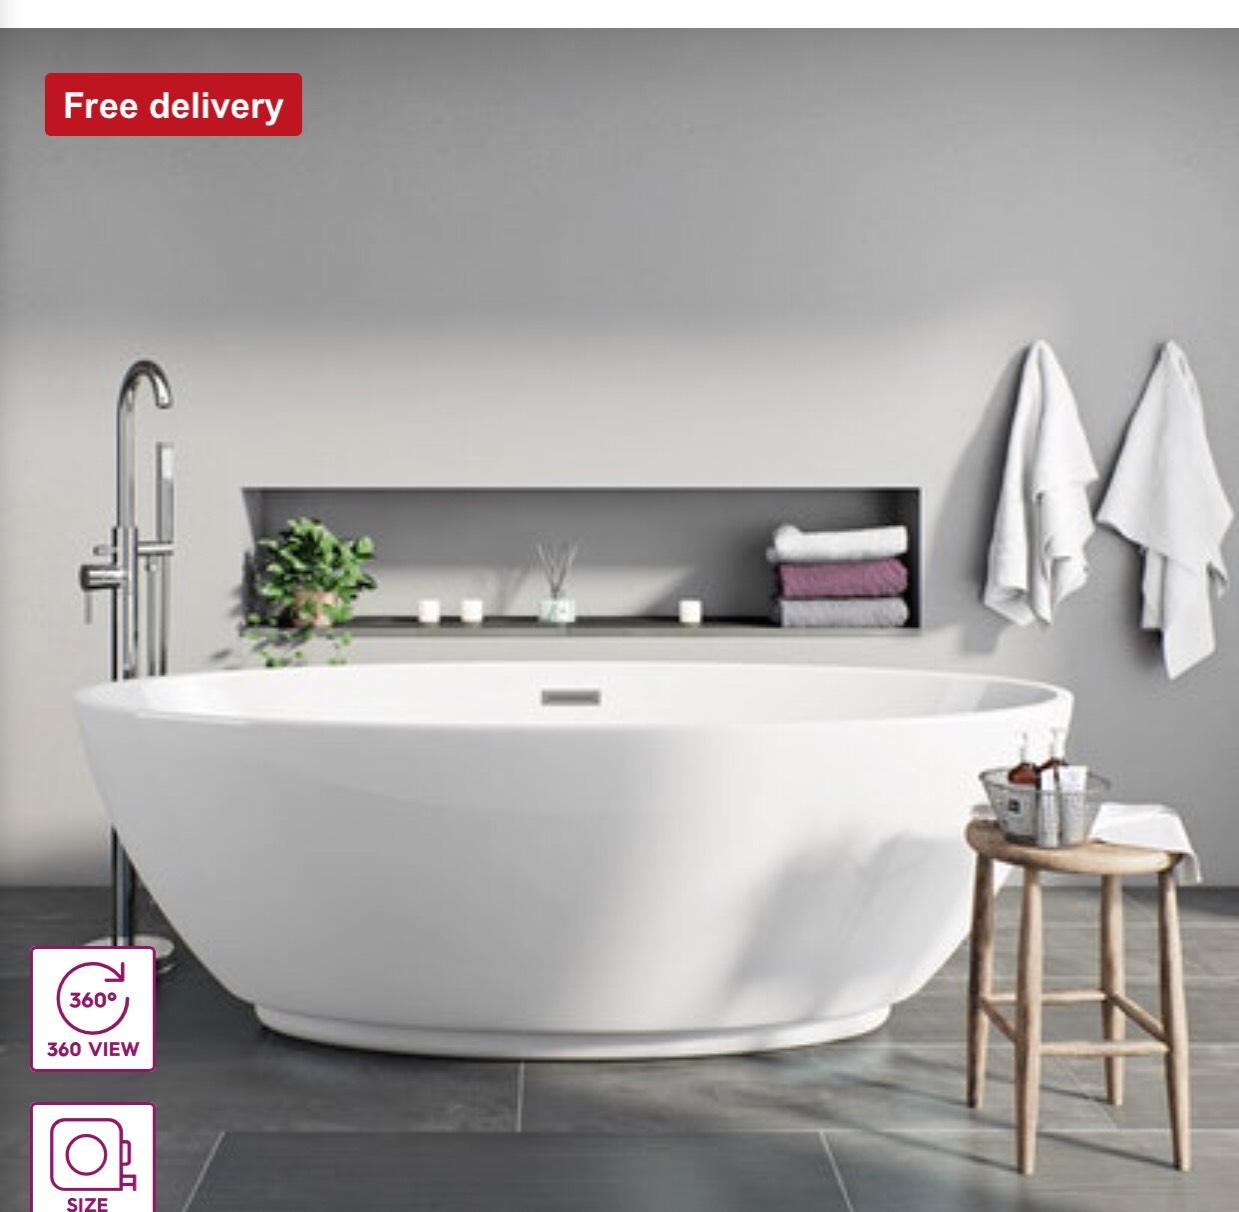 Mode Harrison Freestanding Bath £319 - VictoriaPlum.com